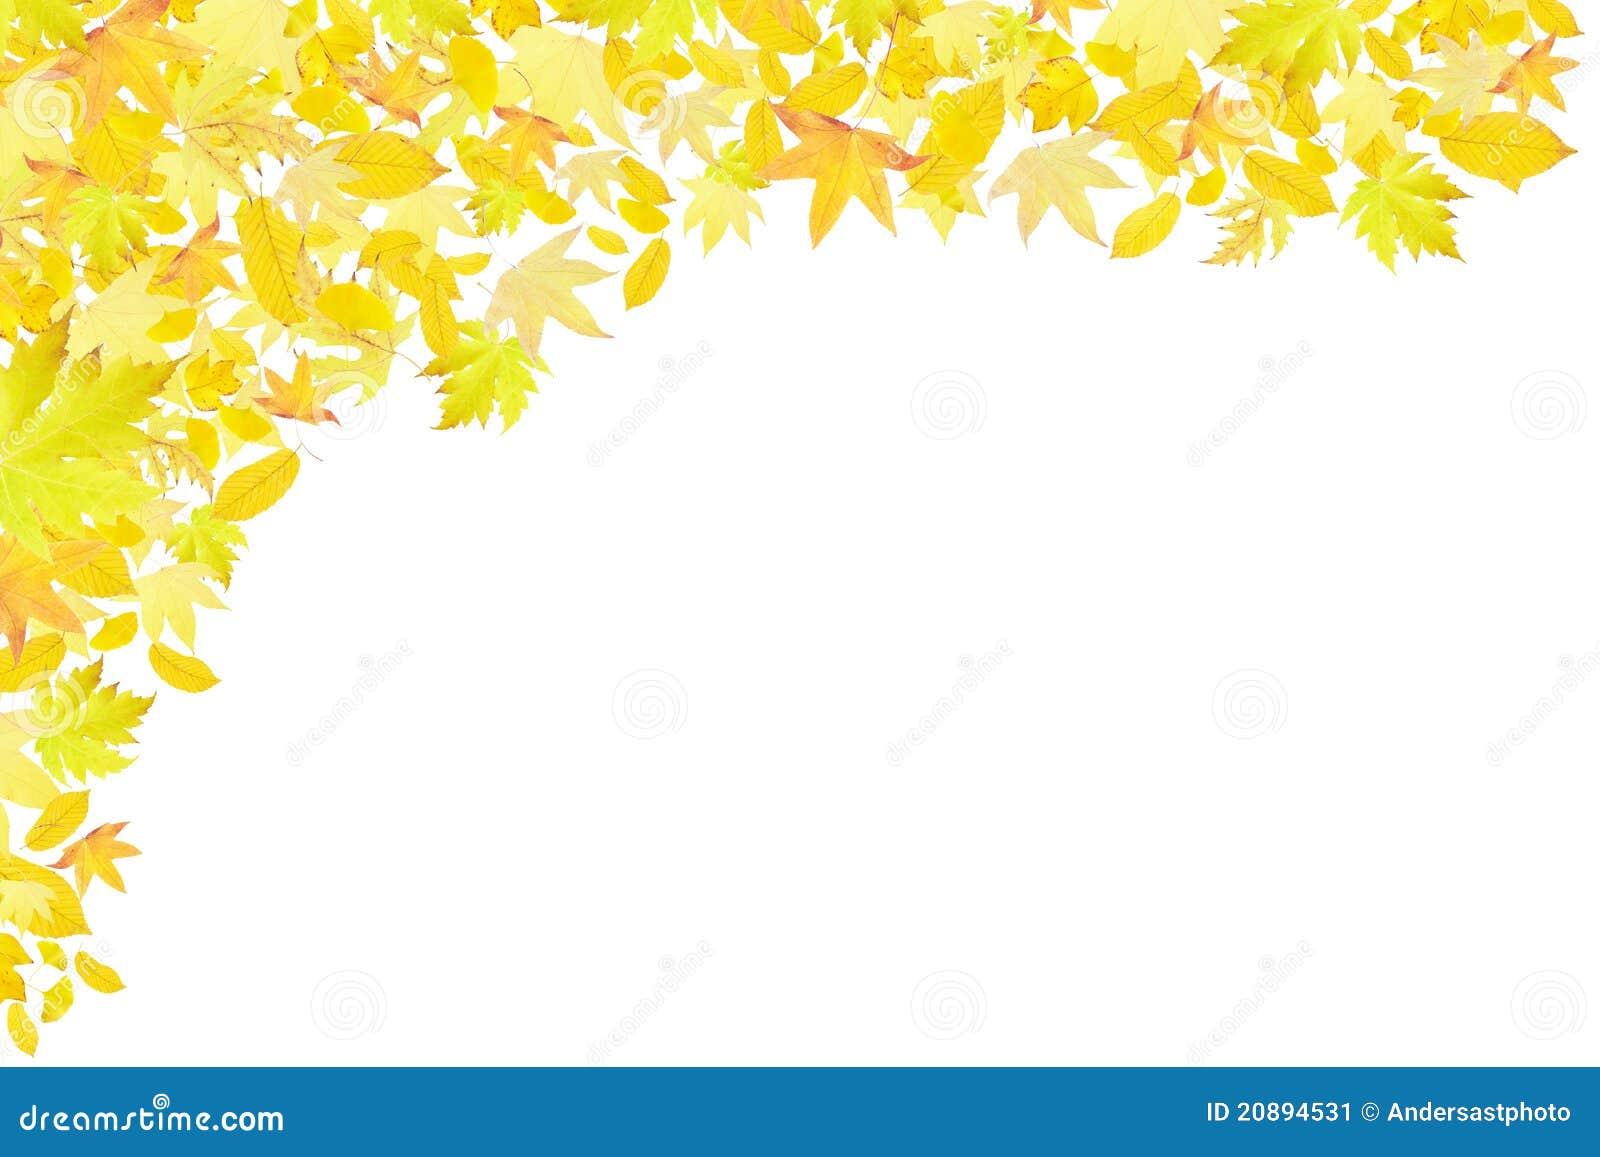 ppt 背景 背景图片 边框 模板 设计 相框 1300_957图片